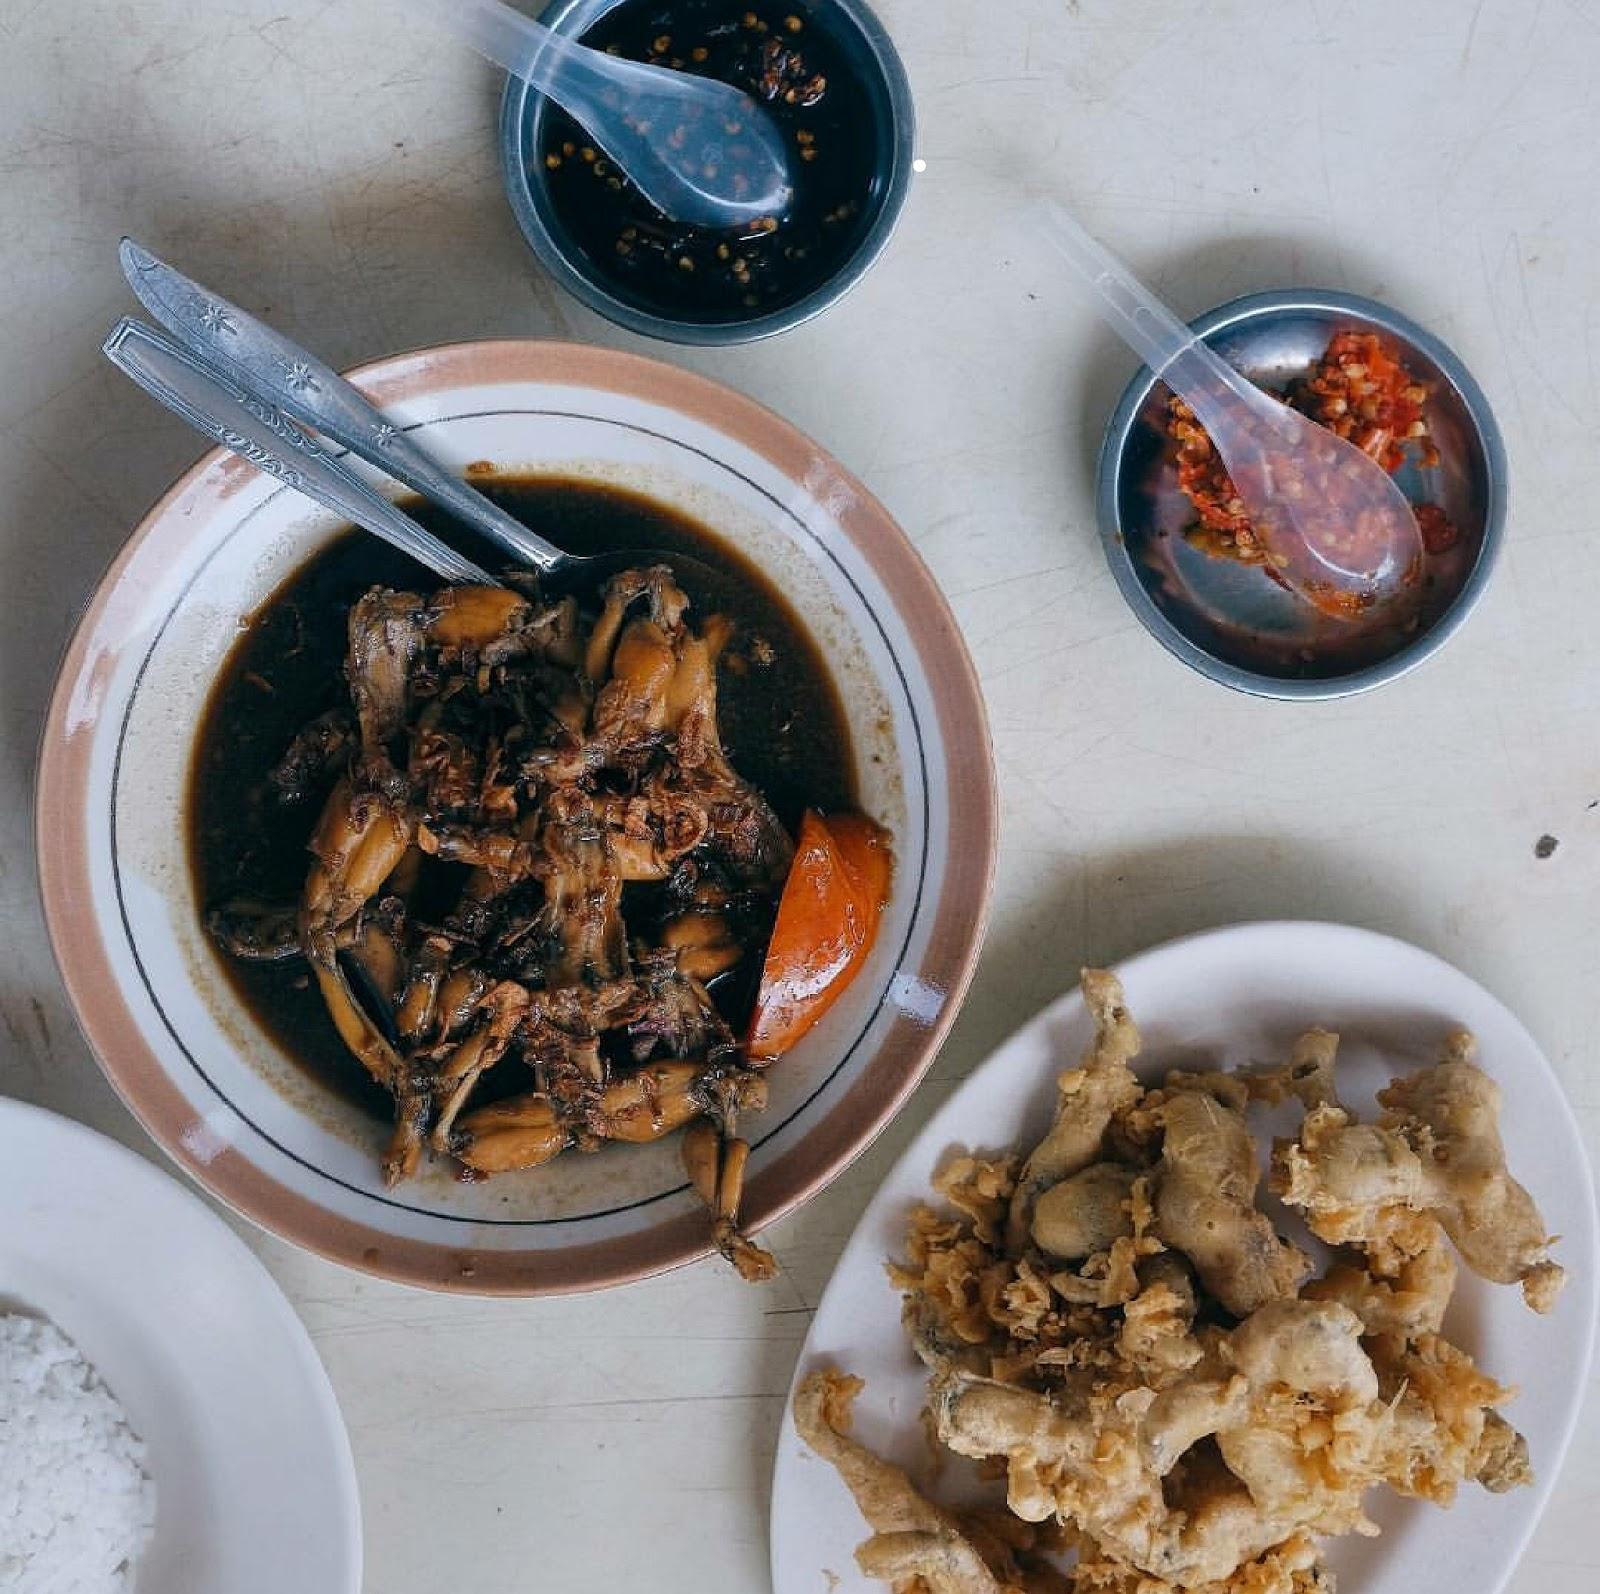 PENGARUH TAYANGAN FOOD VLOGGER CHANNEL YOUTUBE RIA SW TERHADAP MINAT KULINER MAHASISWA